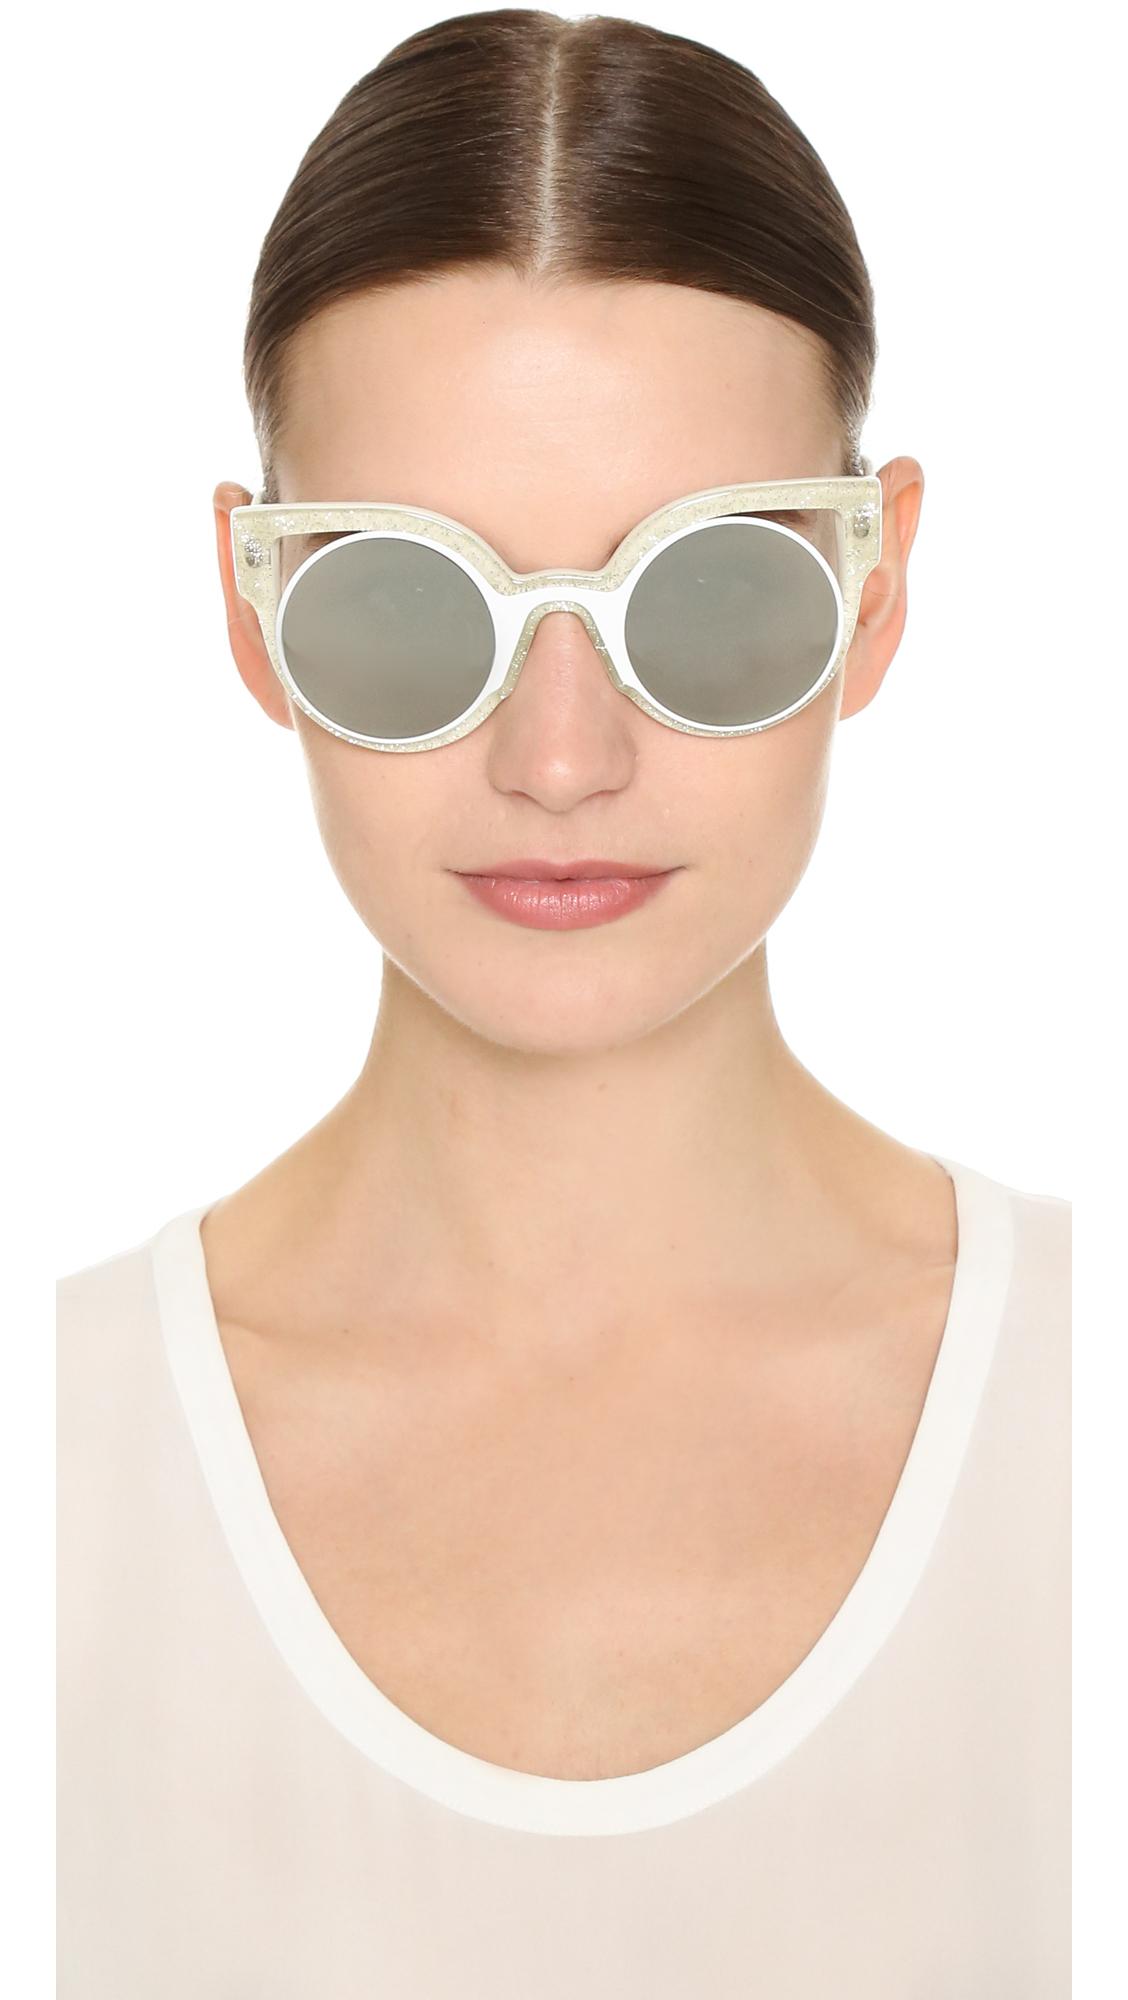 cae4647fb1a Lyst - Fendi Round Cutout Sunglasses in White